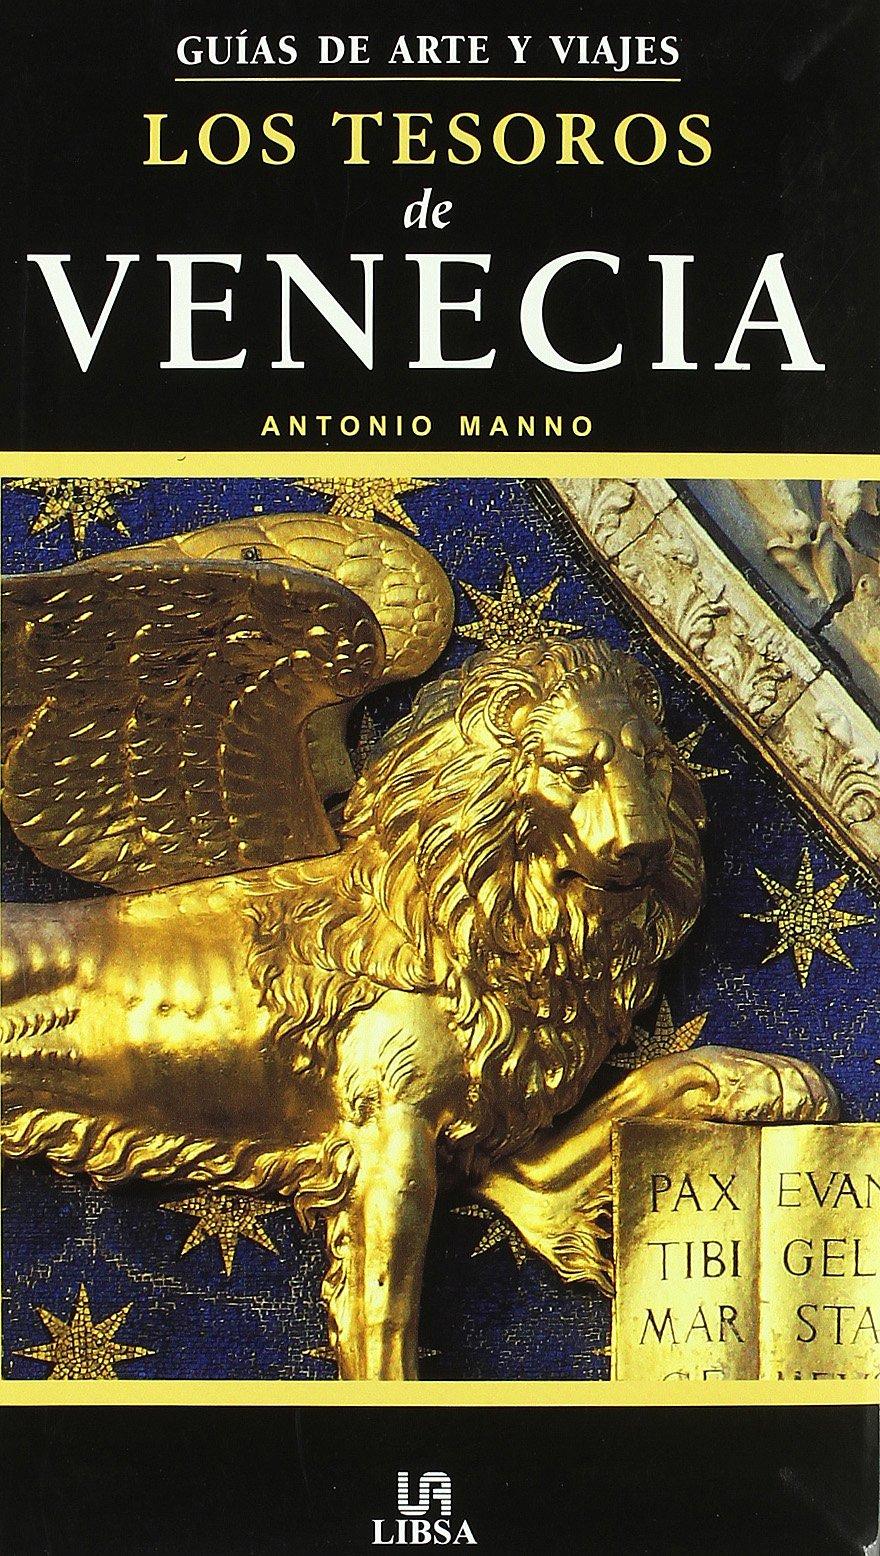 Los Tesoros de Venecia (Guías de Arte) Tapa blanda – Ilustrado, 4 abr 2006 Antonio Manno María José Antón Libsa 8466212973